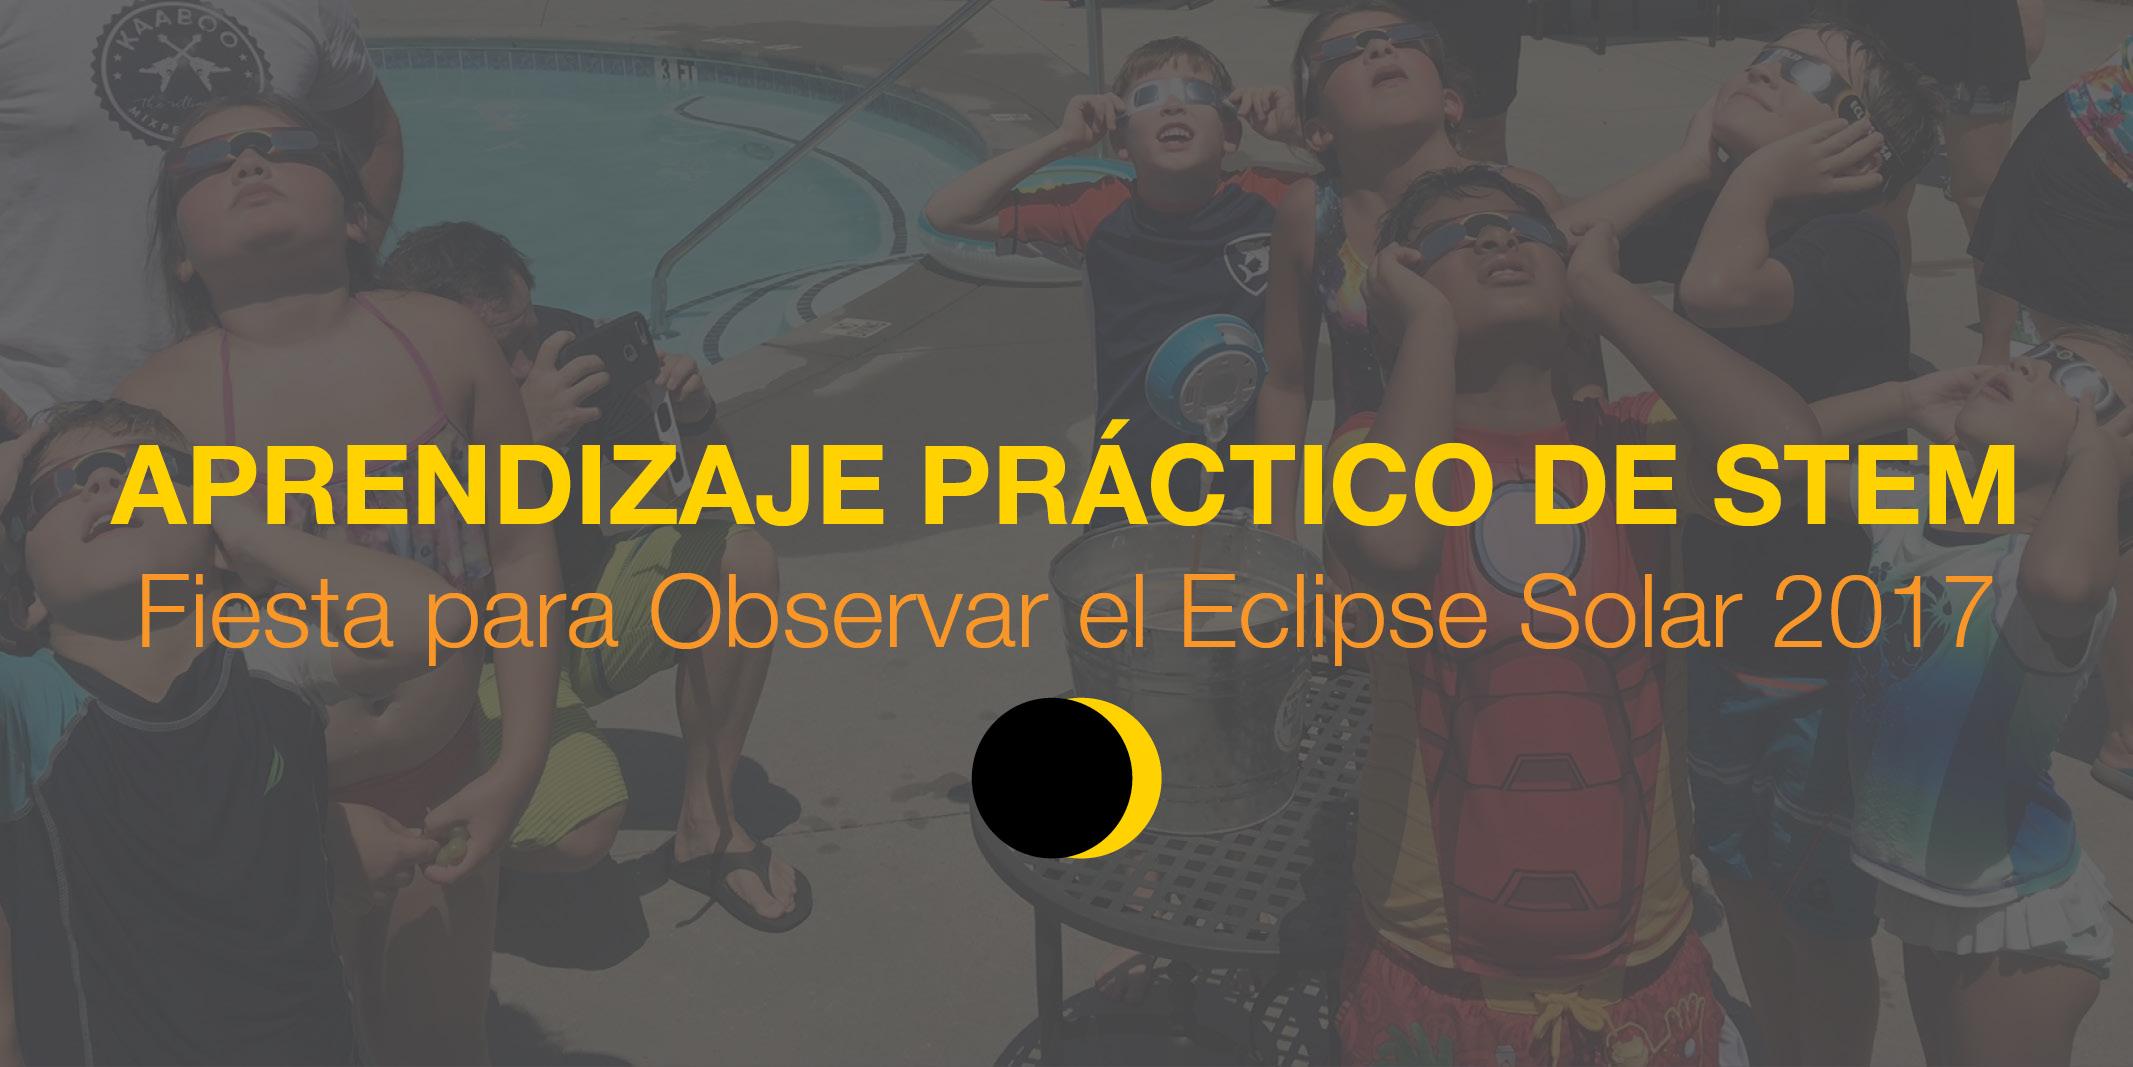 Aprendizaje Práctico Basado en STEM: Fiesta para Observar el Eclipse Solar 2017